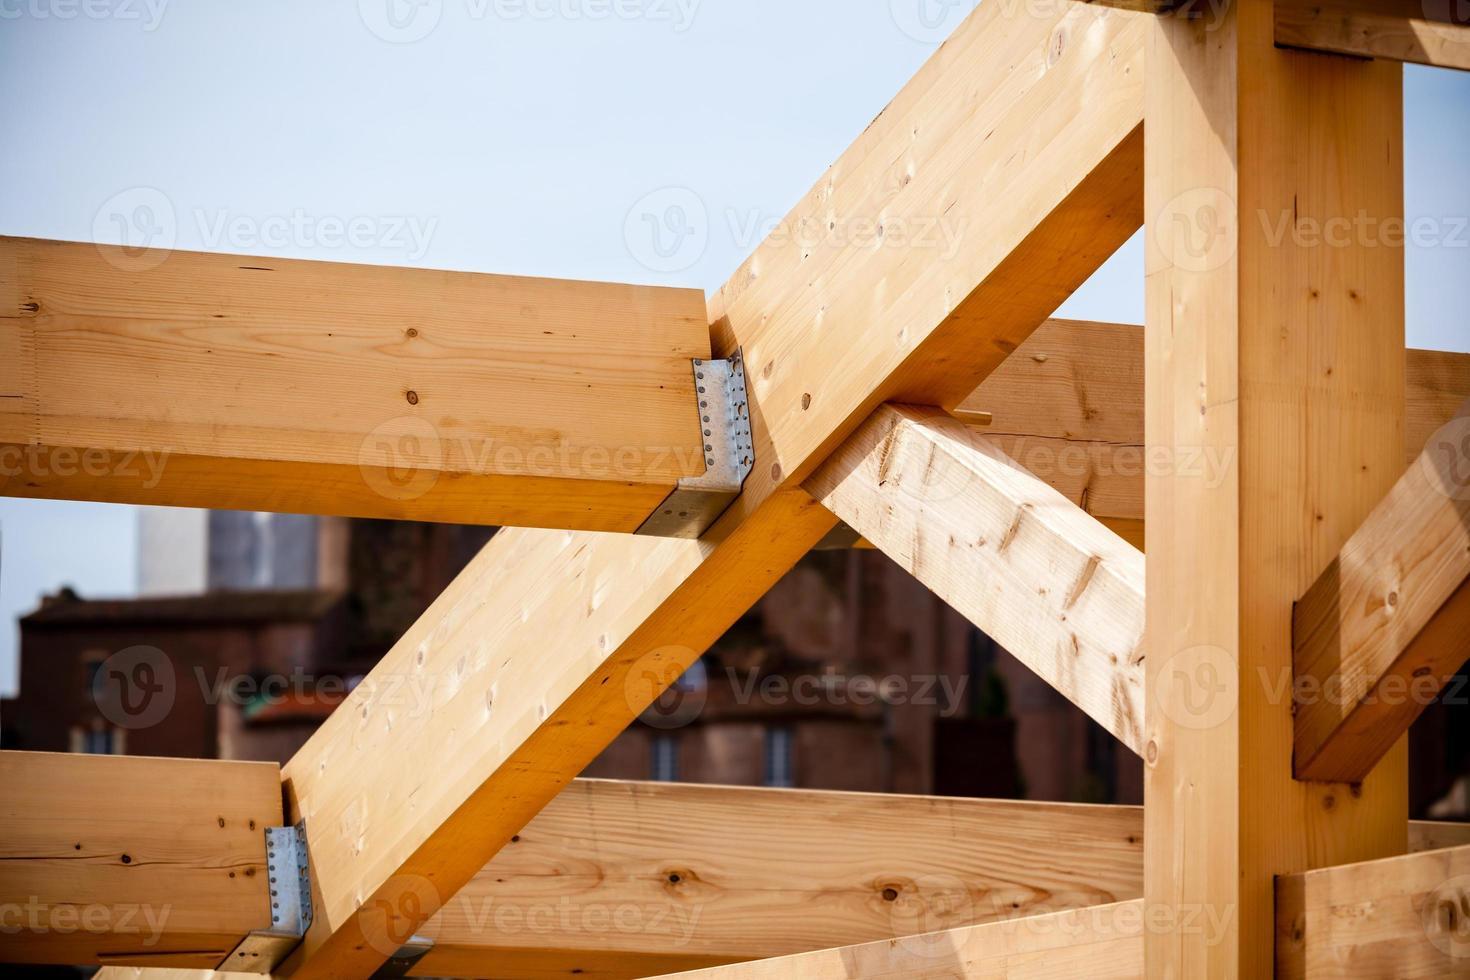 costruzione di una nuova casa in legno foto